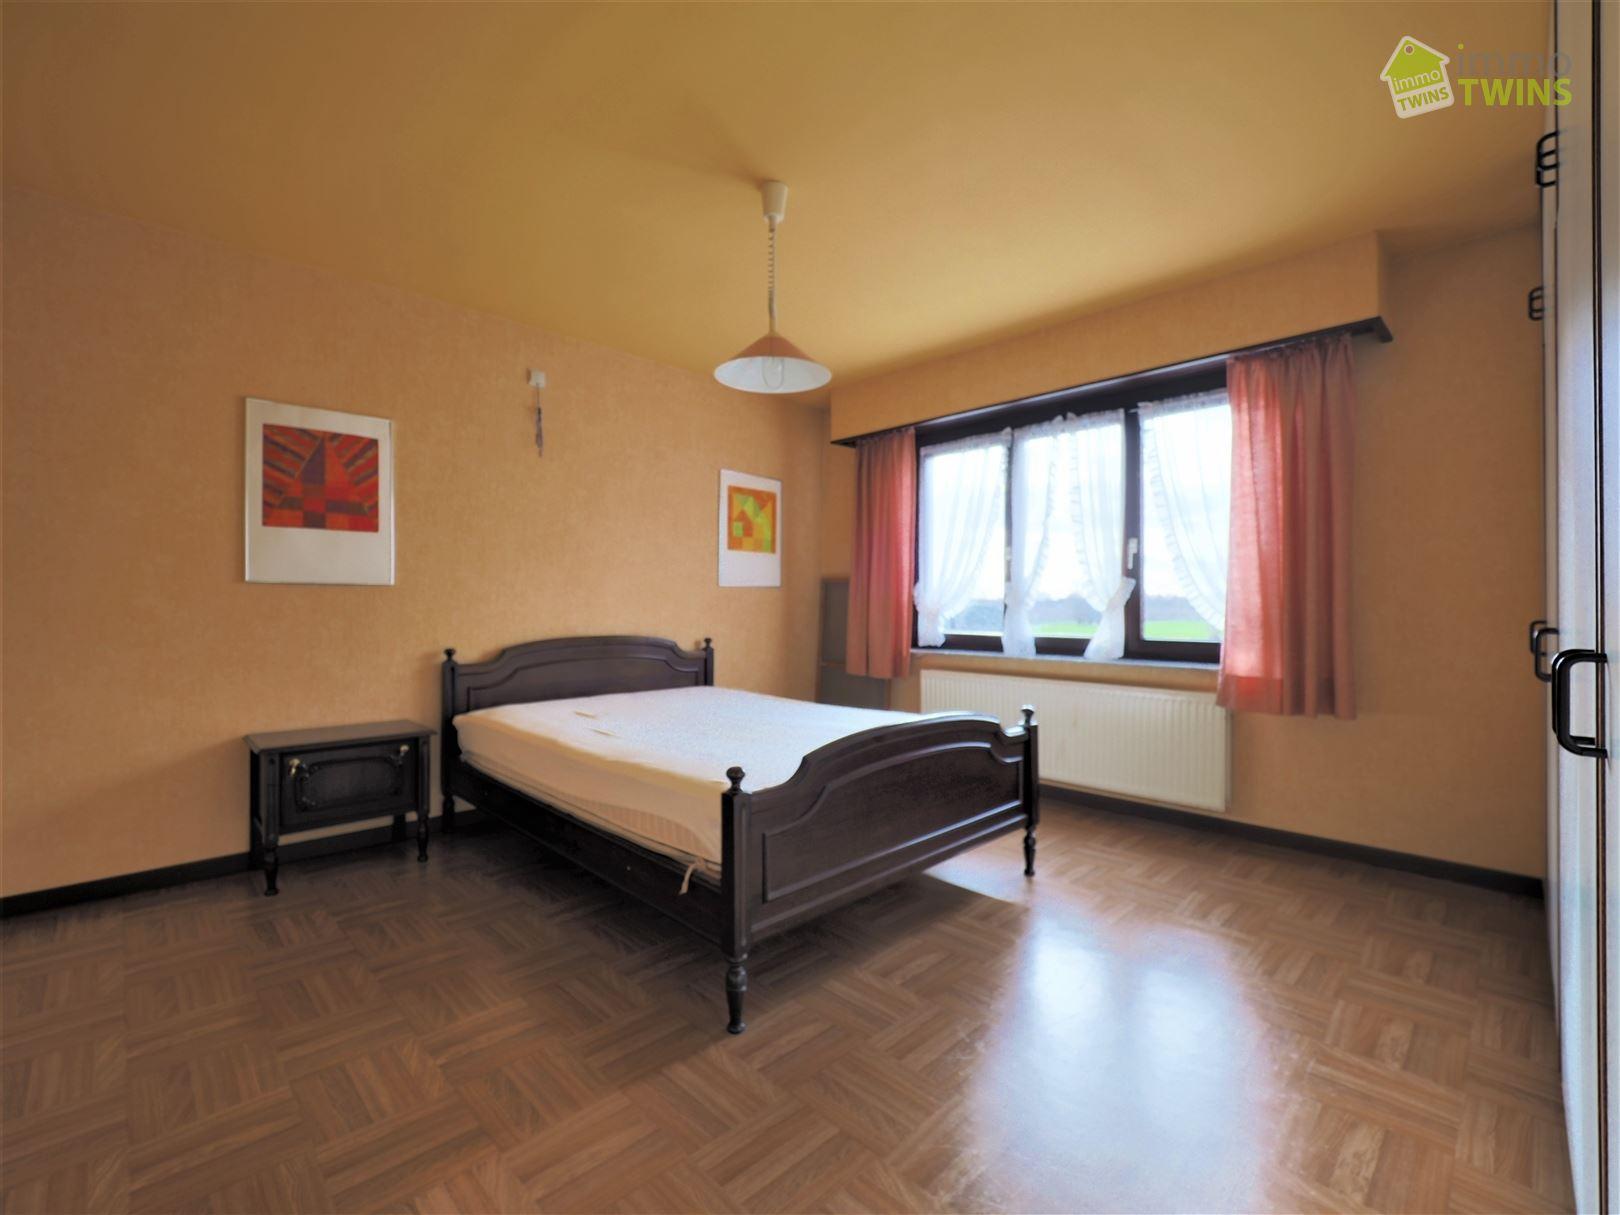 Foto 11 : Huis te 9240 ZELE (België) - Prijs € 345.000